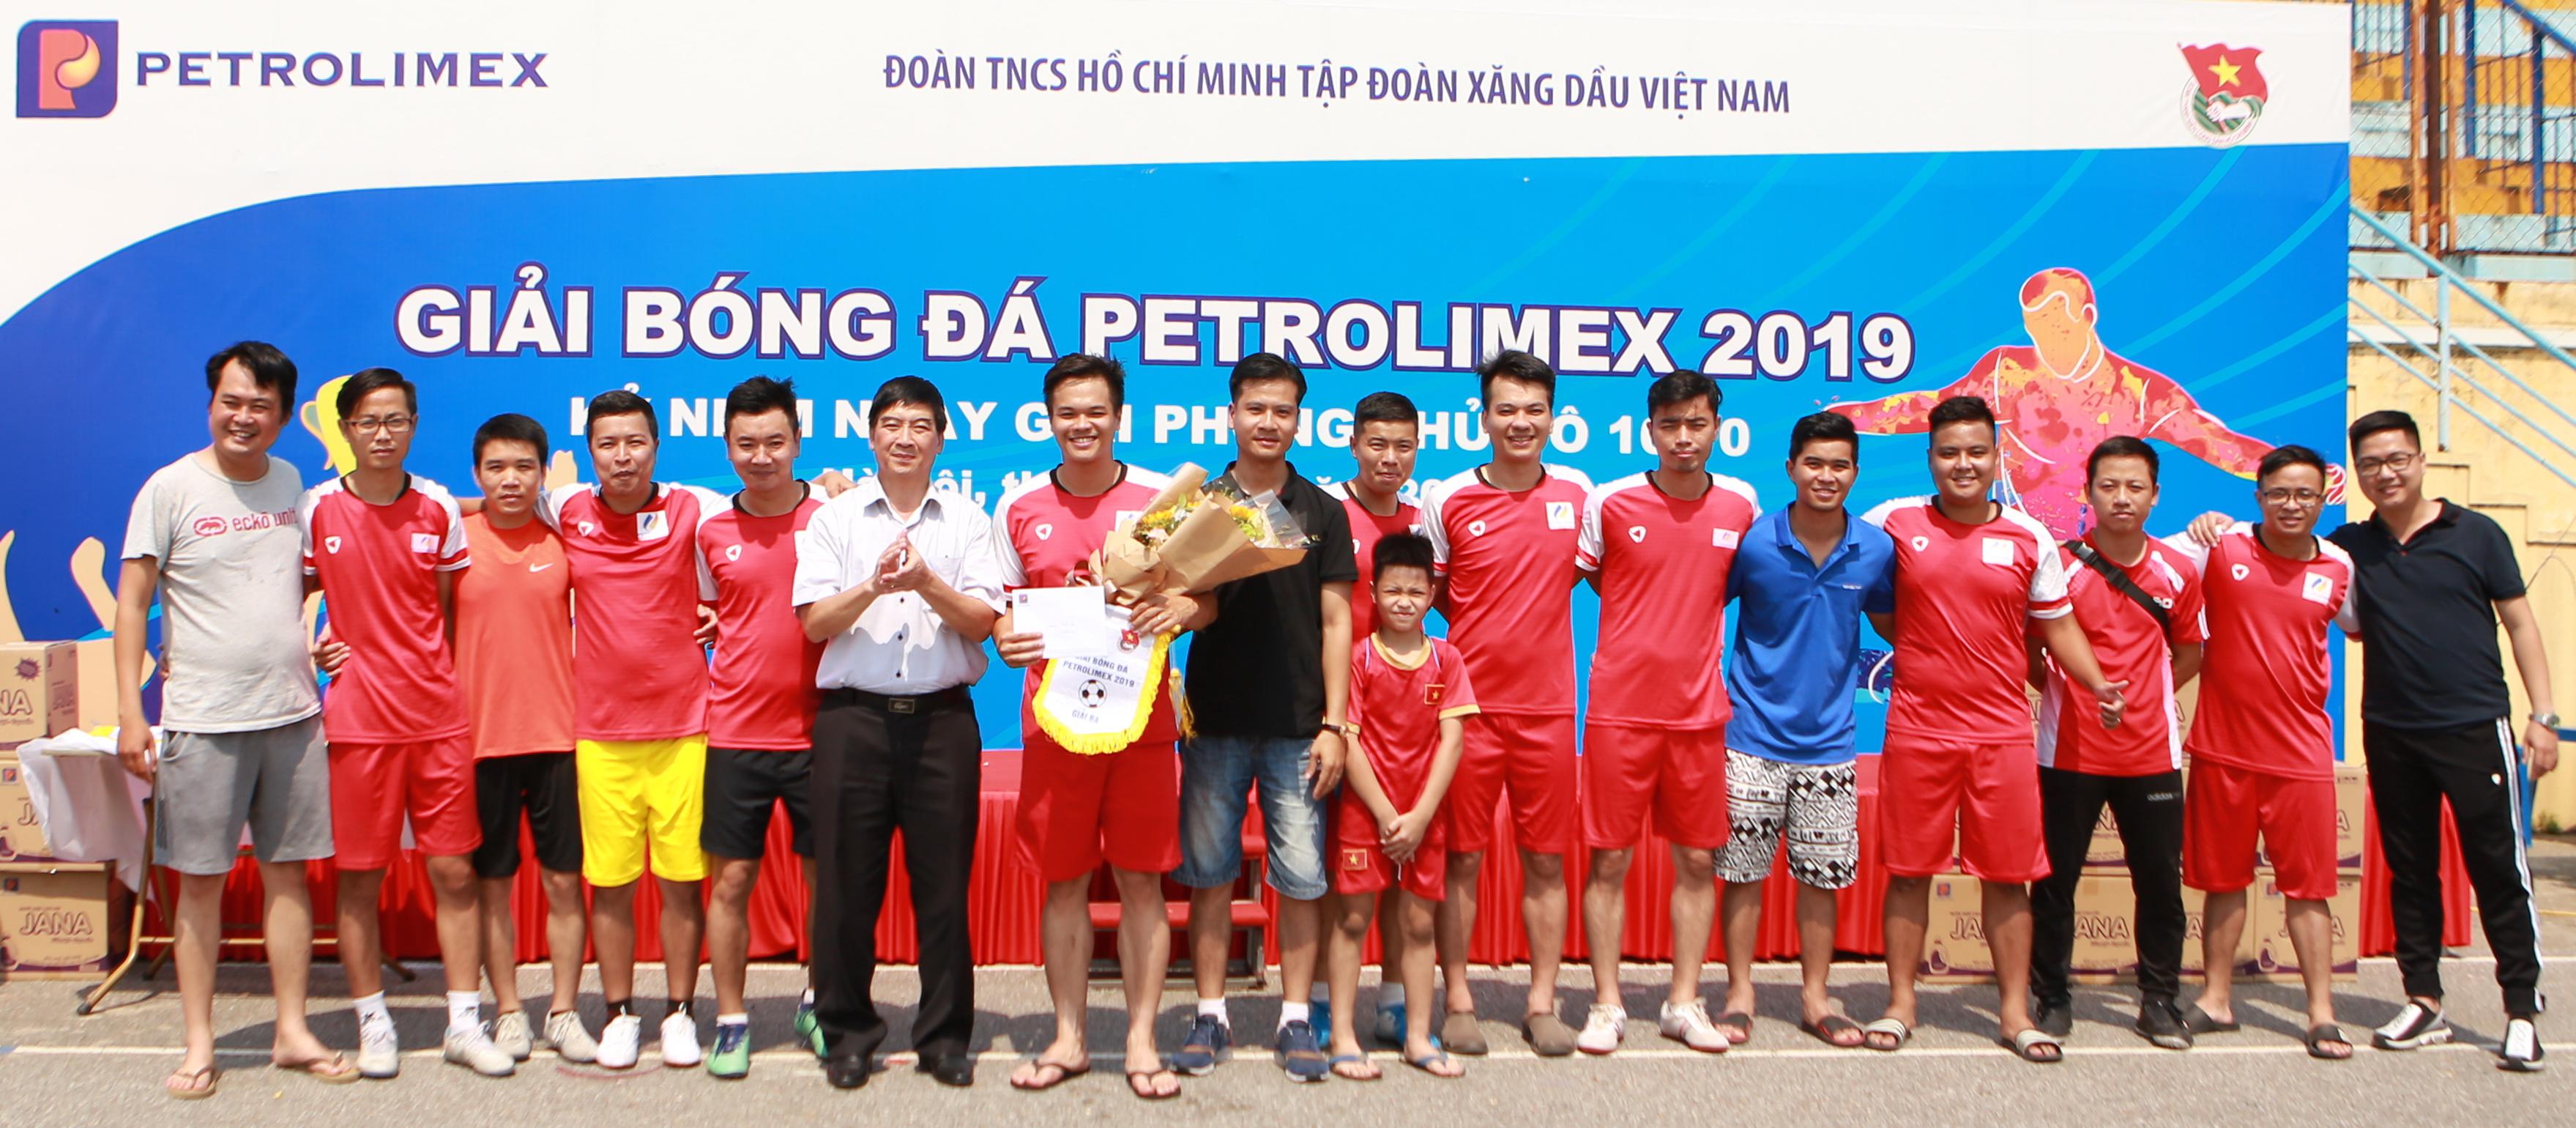 PJICO tham gia giải bóng đá Petrolimex 2019